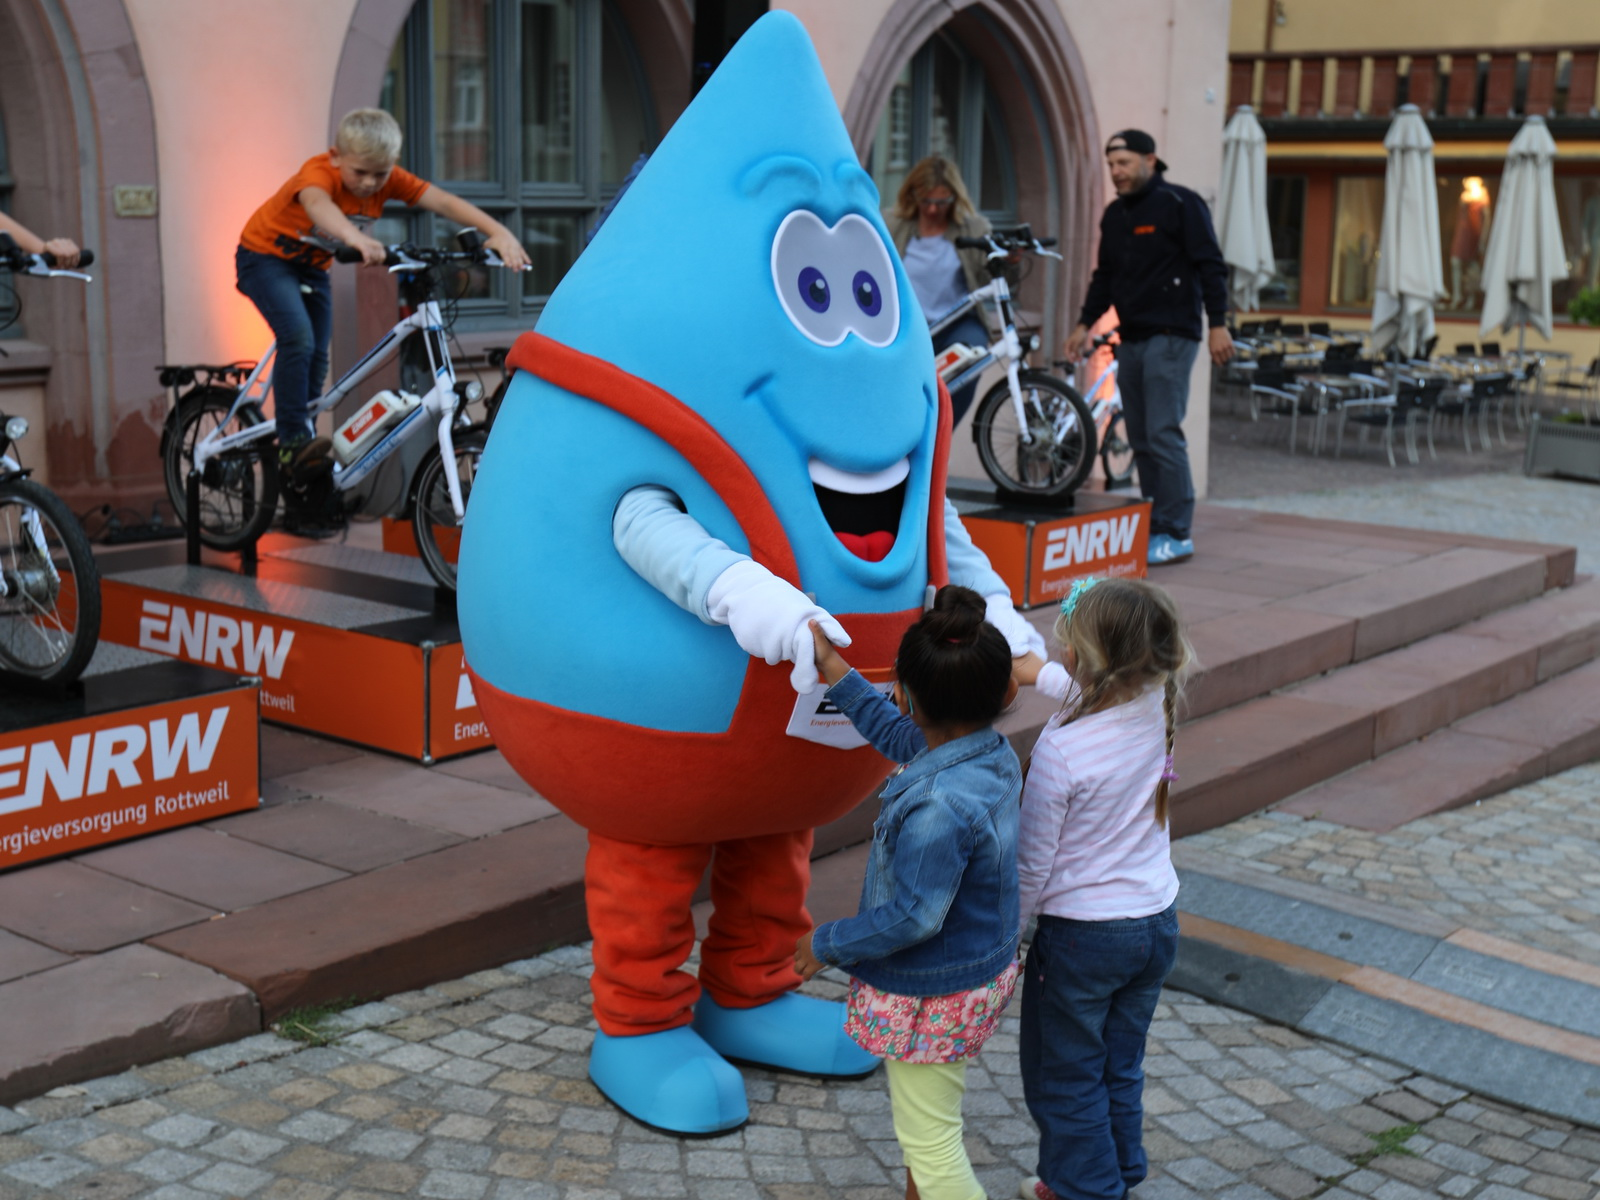 Blubbi begrüßt alle Kinder persönlich